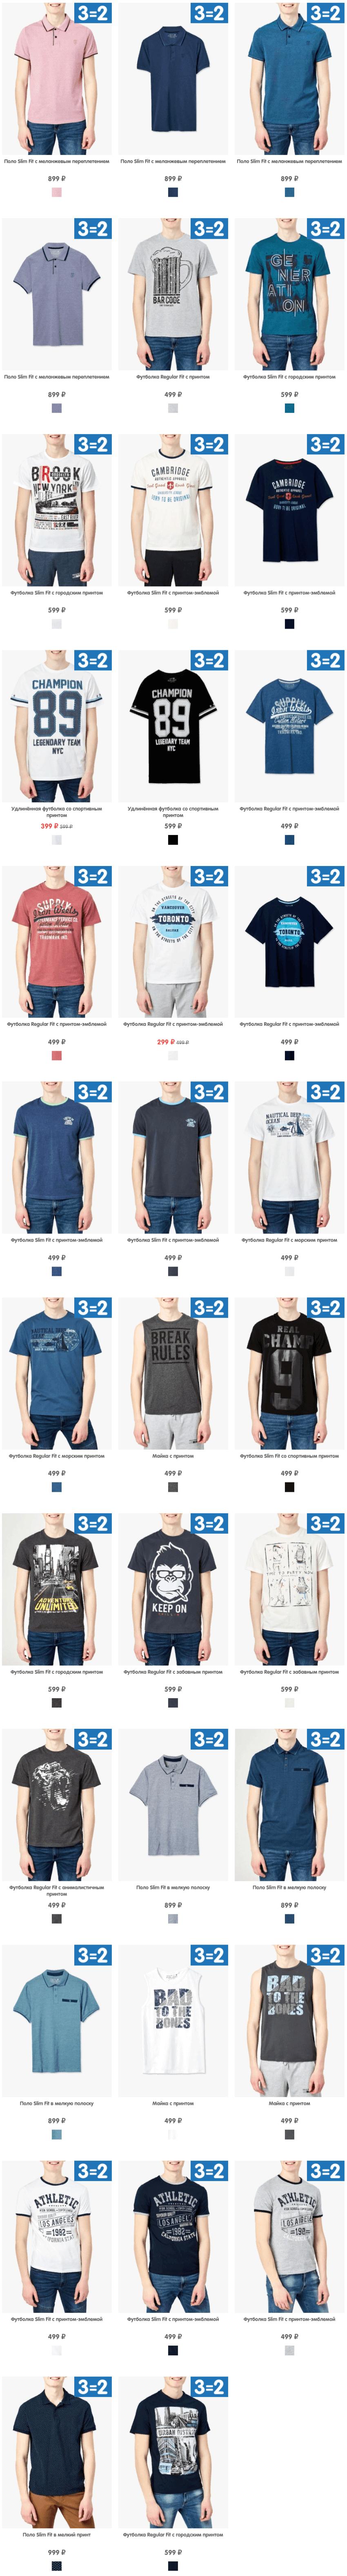 3 Купить Мужские футболки и поло в интернет-магазине одежды Funday